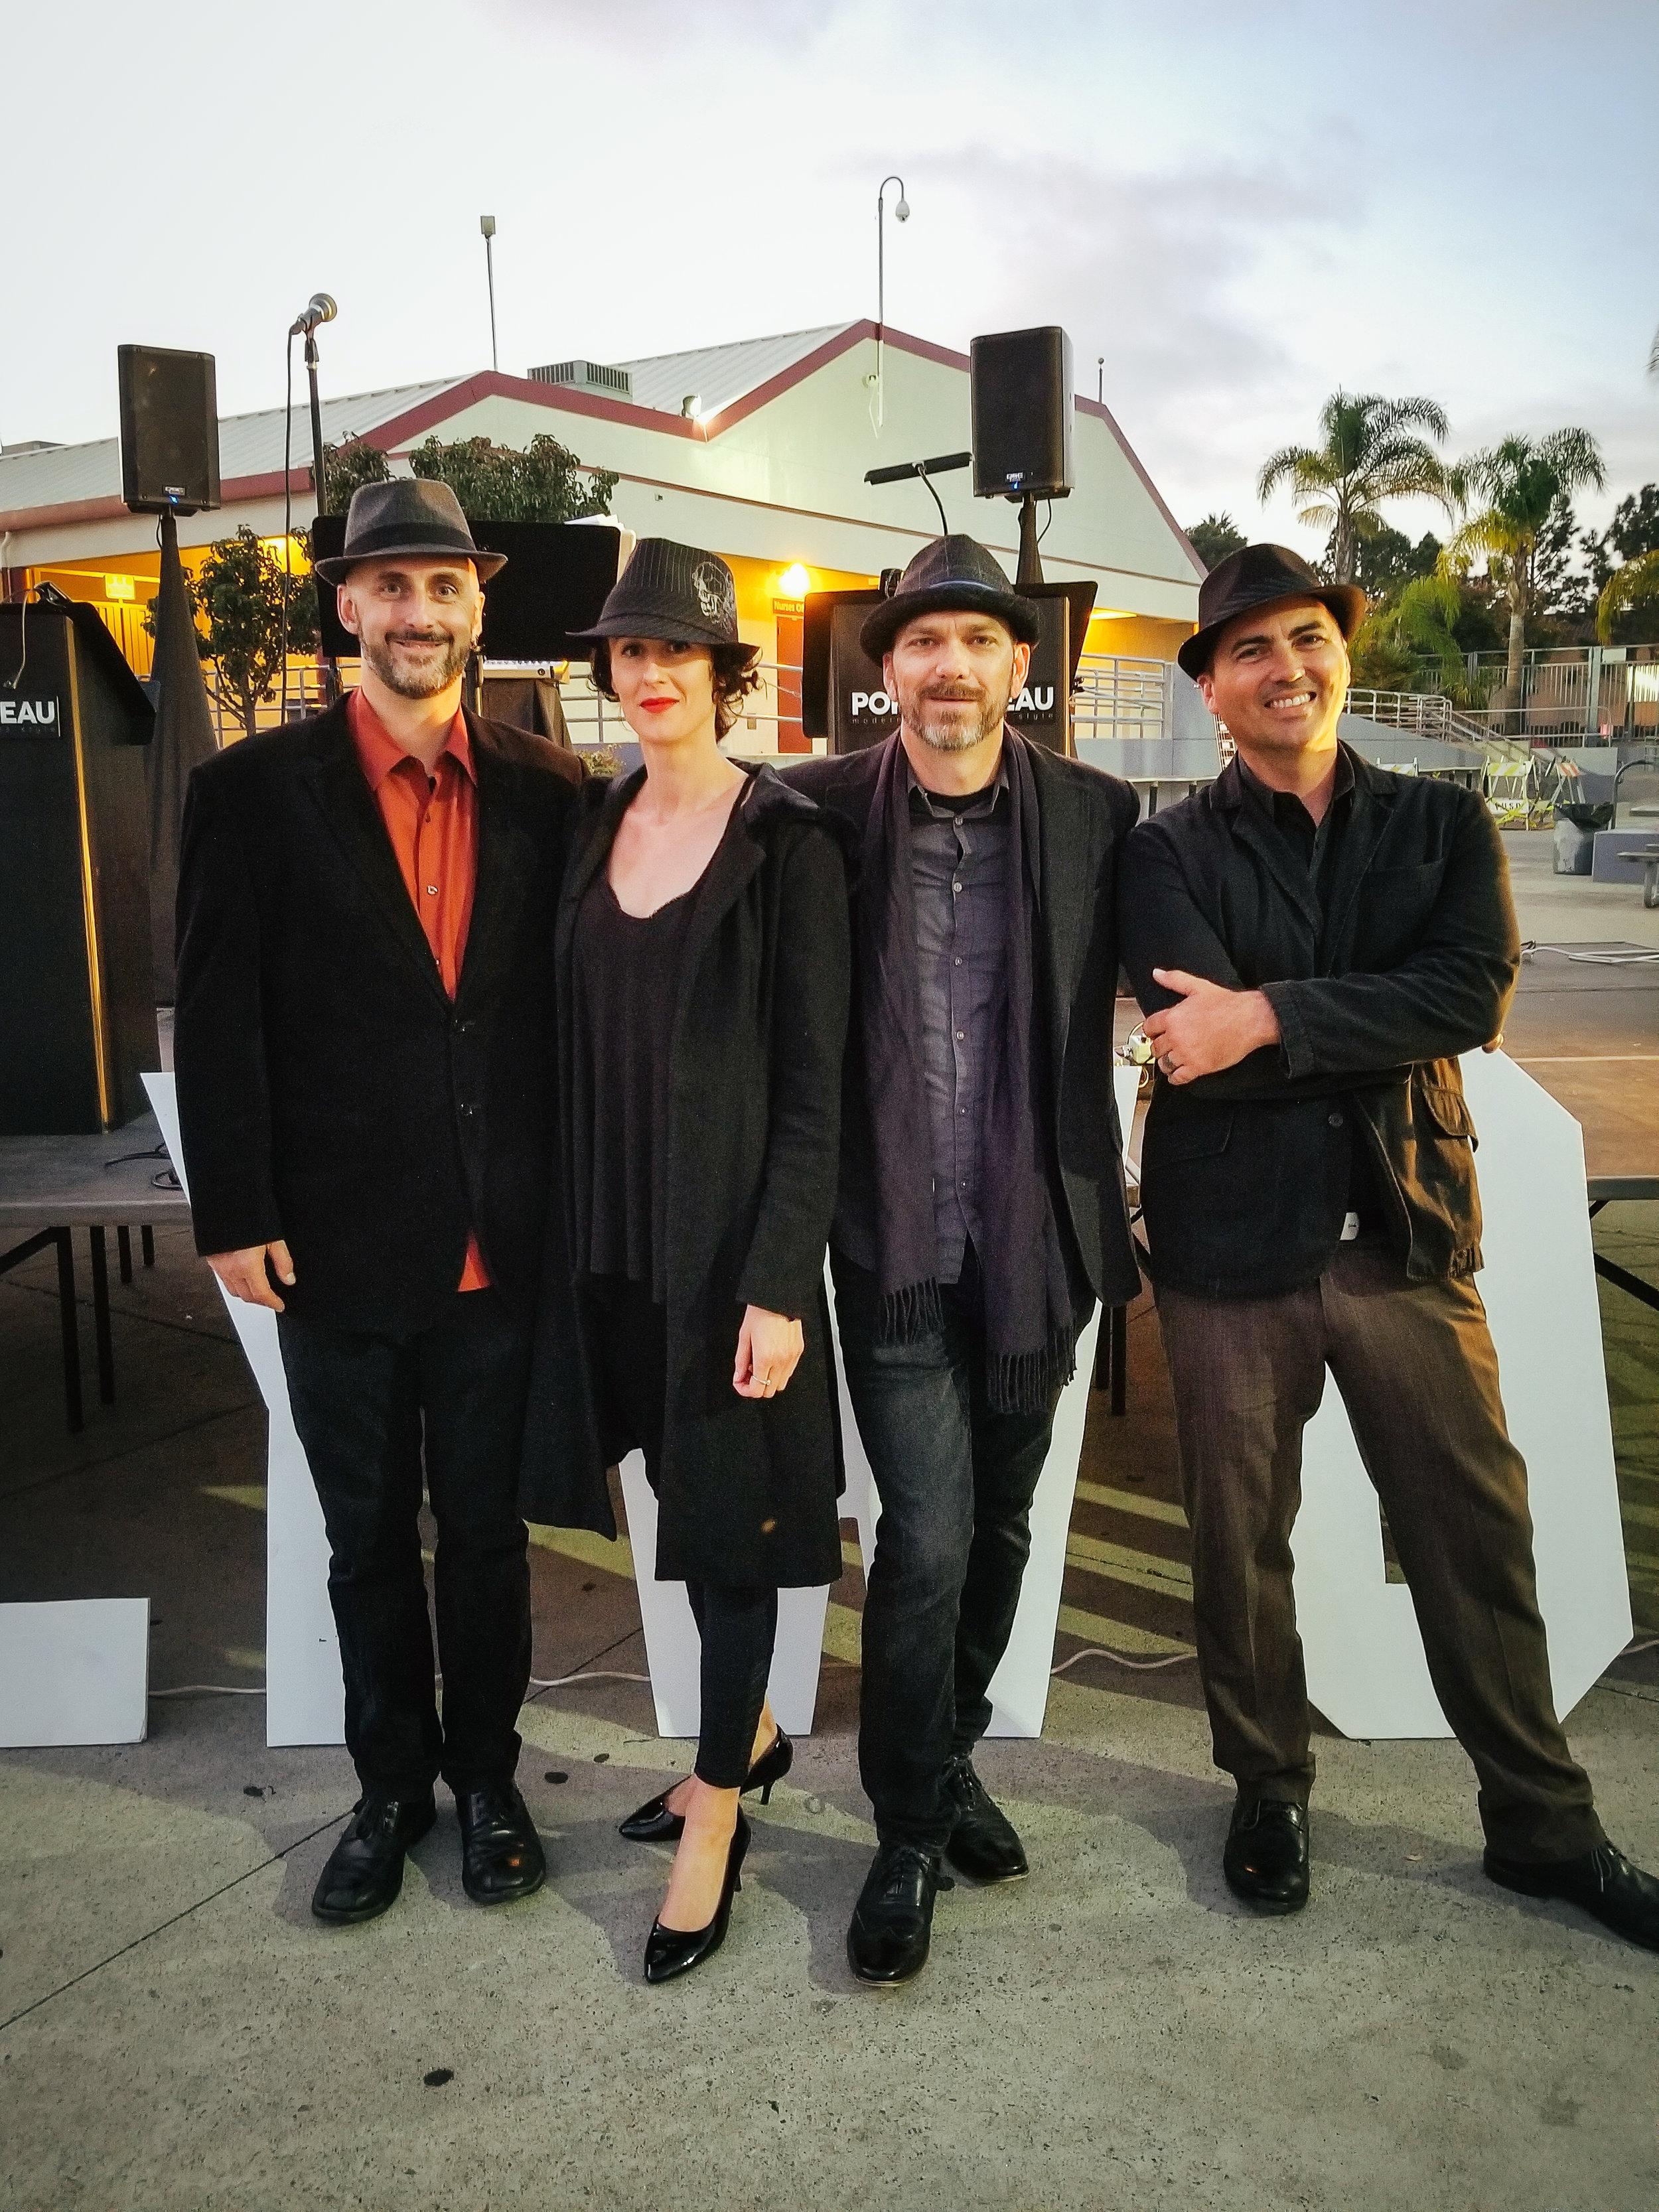 Pop Nouveau Trio with Vocalist Kate Campbell